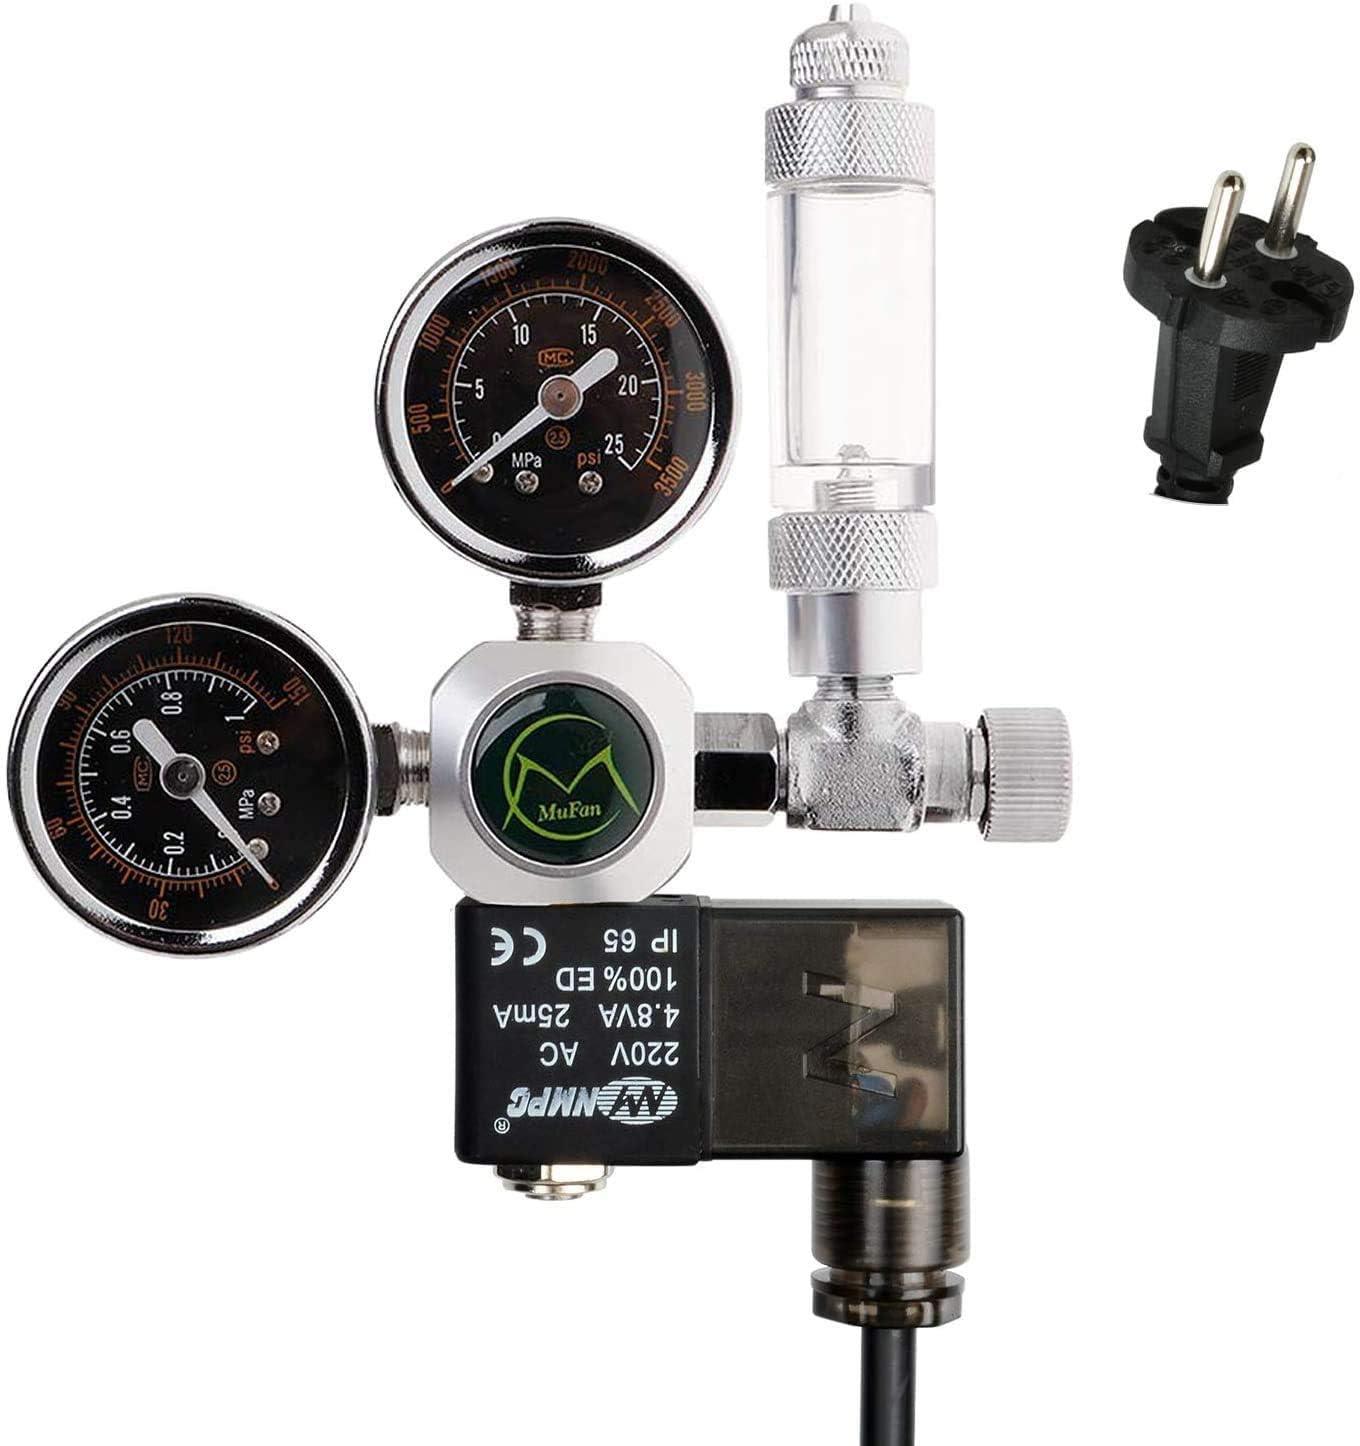 NICREW-CO2-Druckminderer-Aquarium